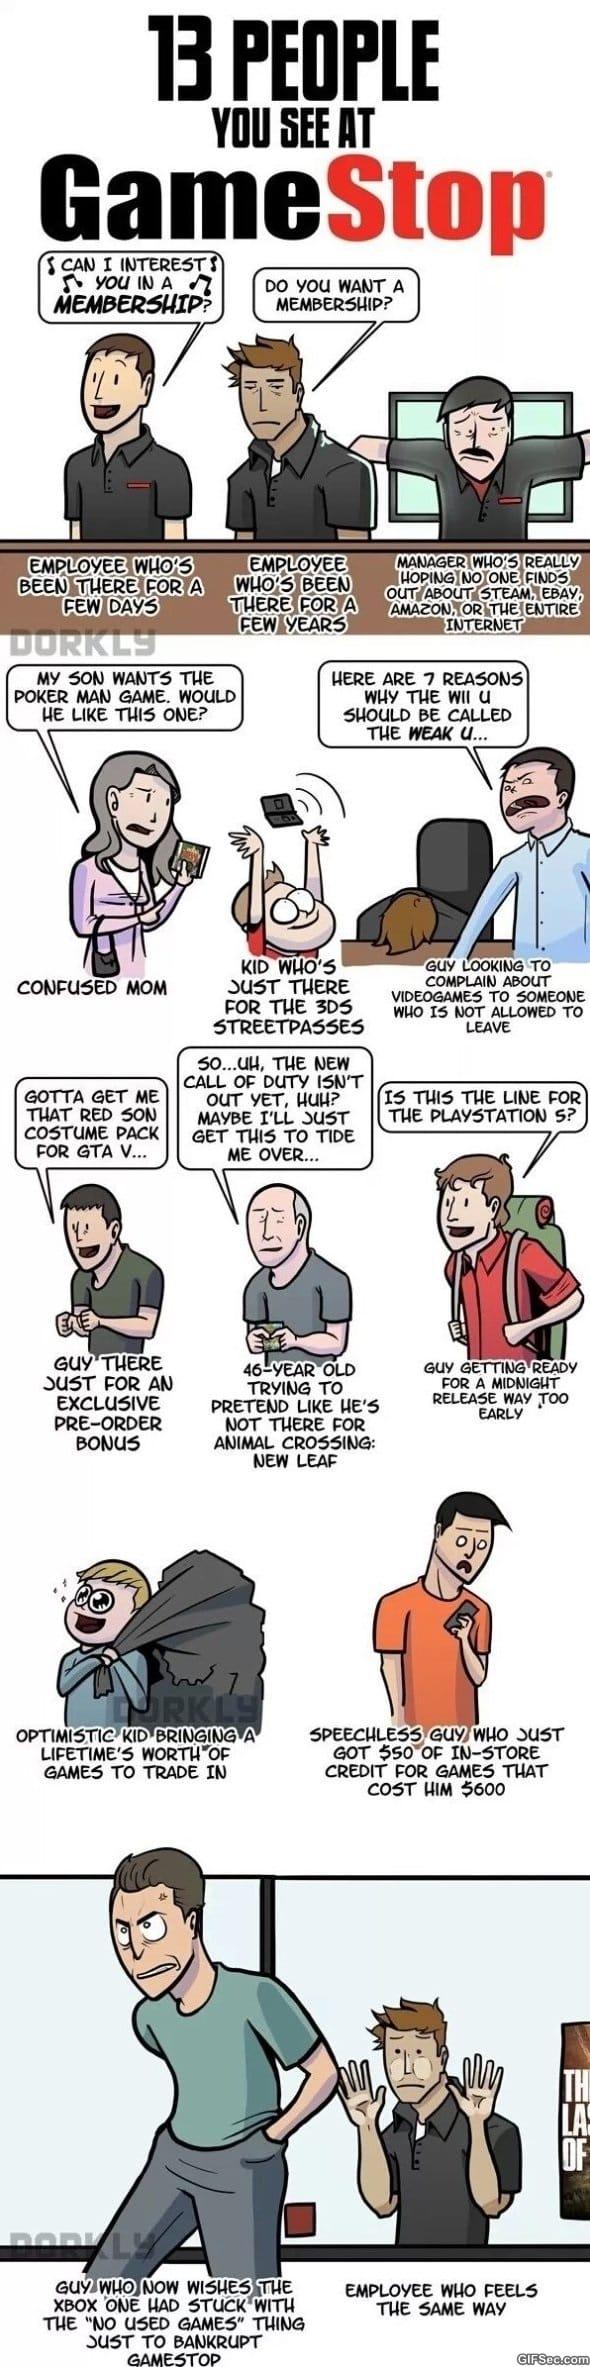 13-people-you-see-at-gamestop-meme